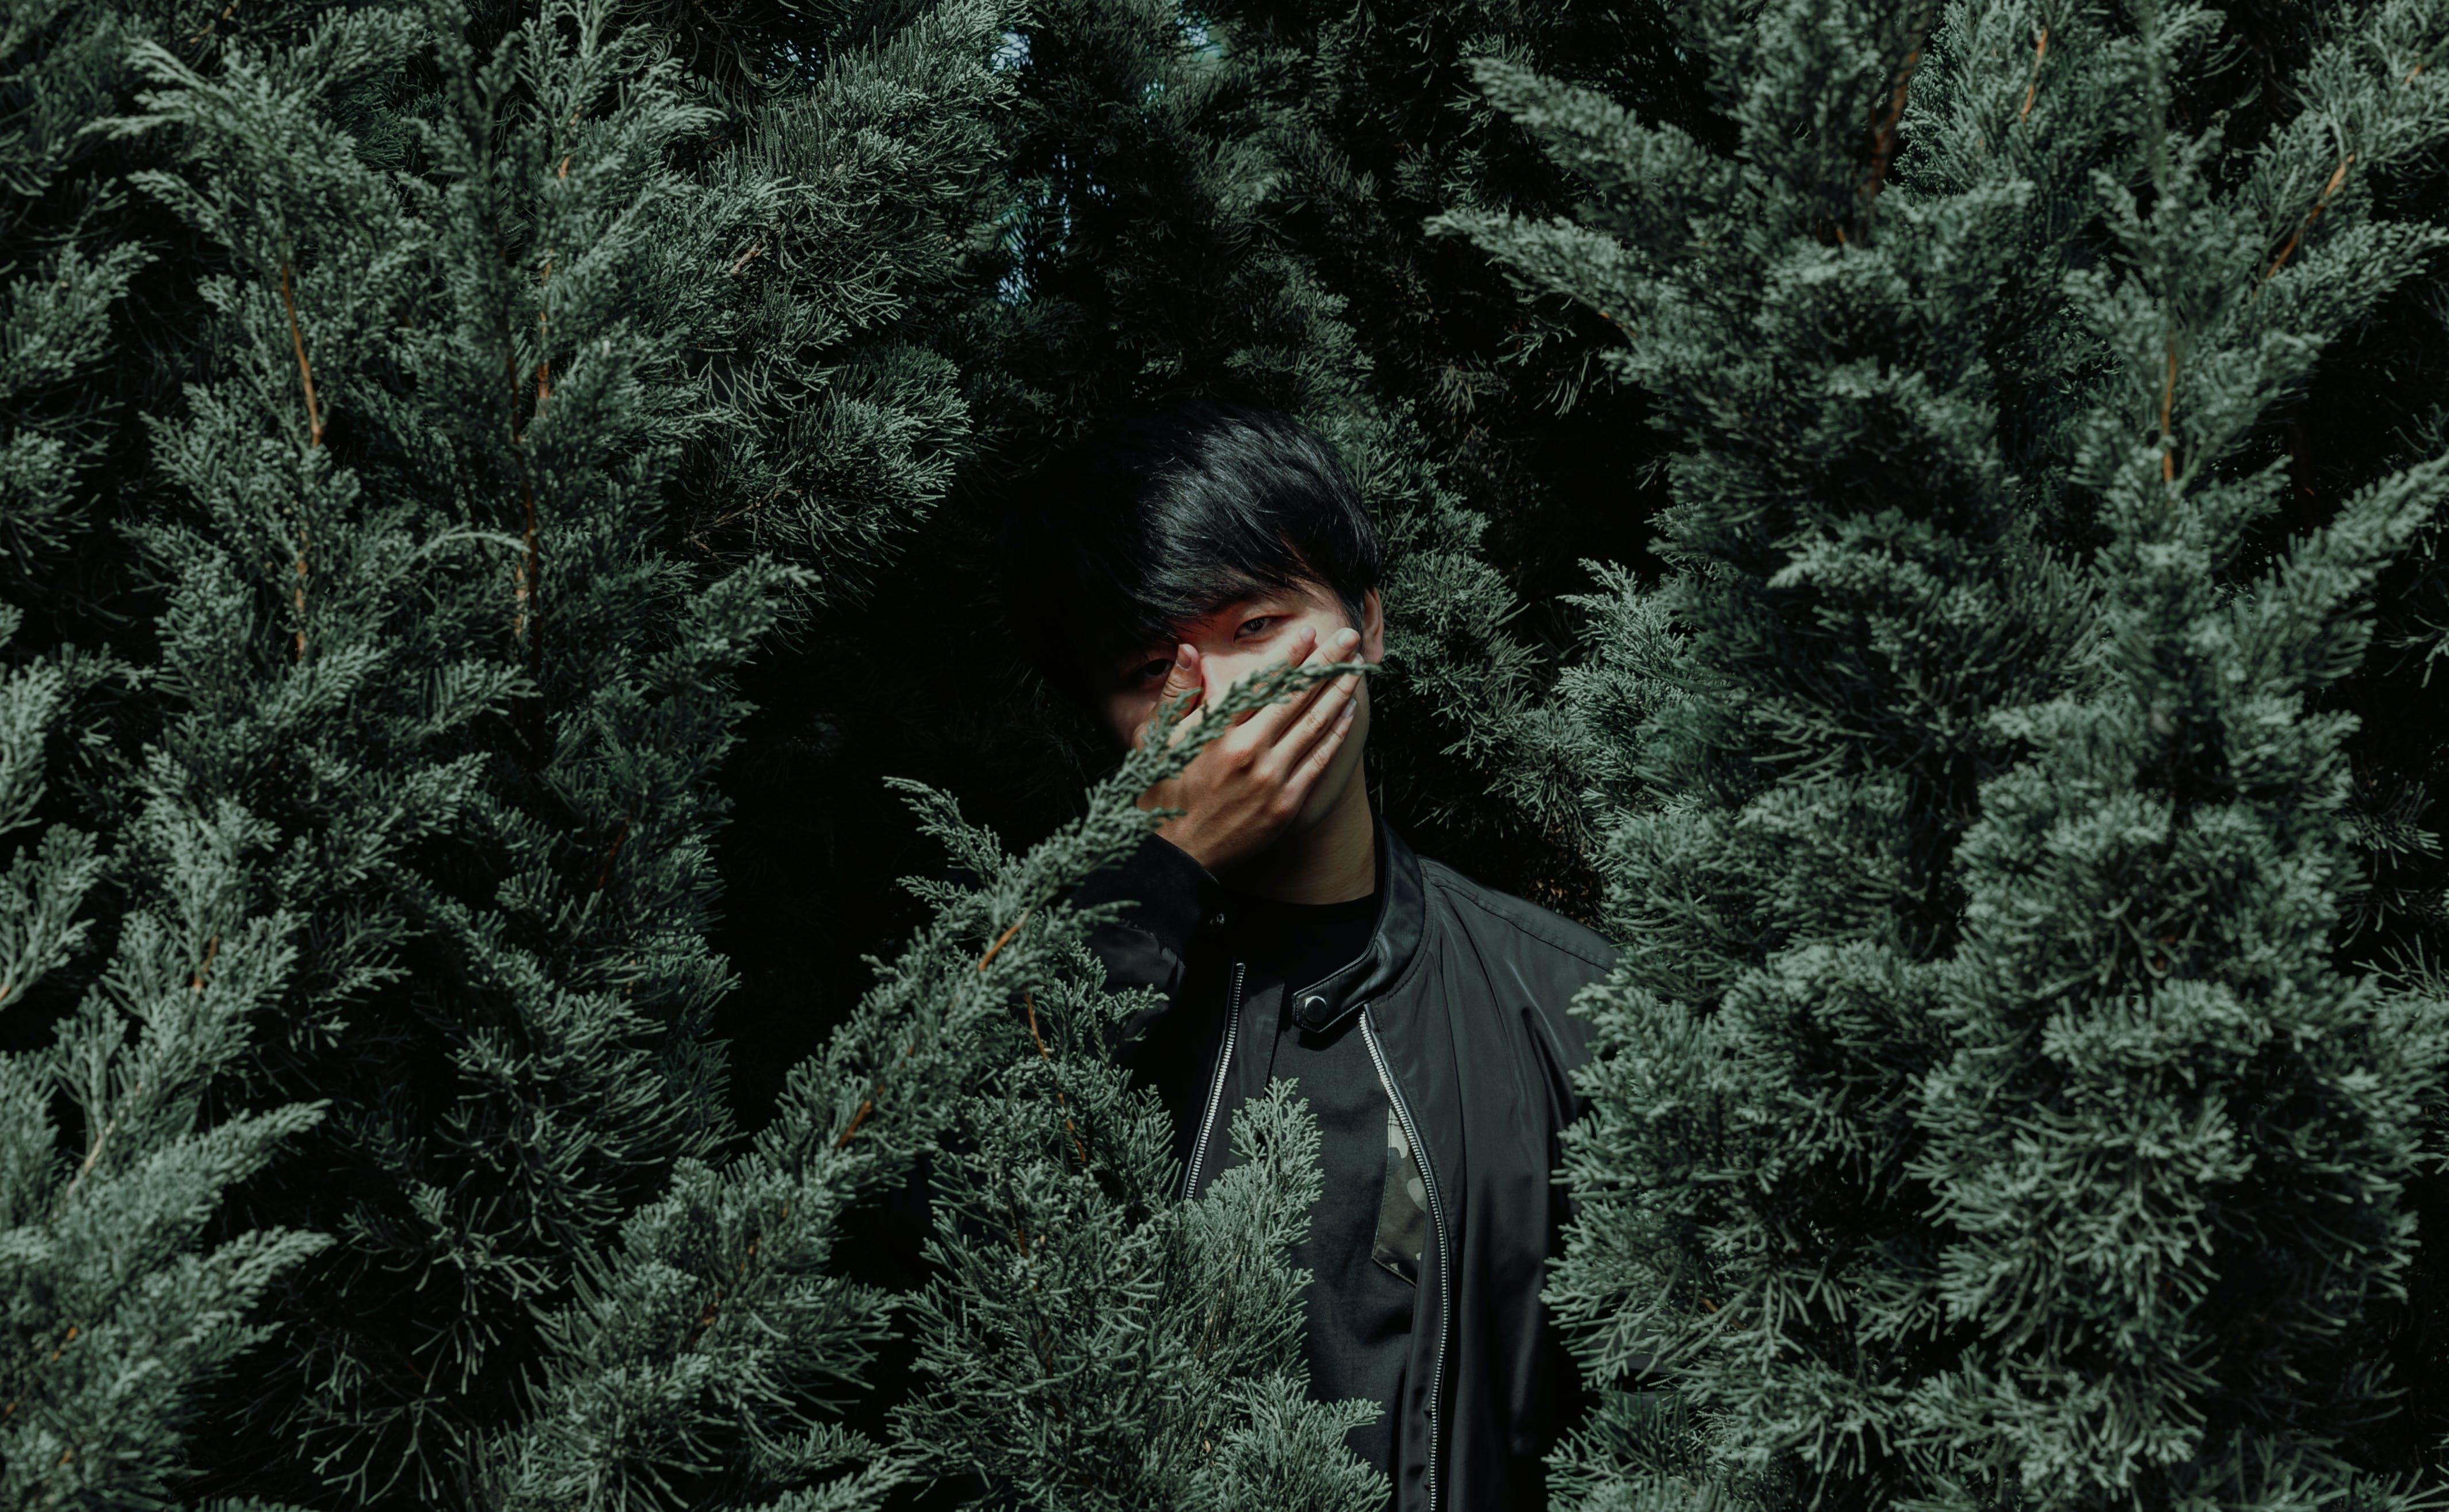 Man Wearing Black Jacket Between Tree